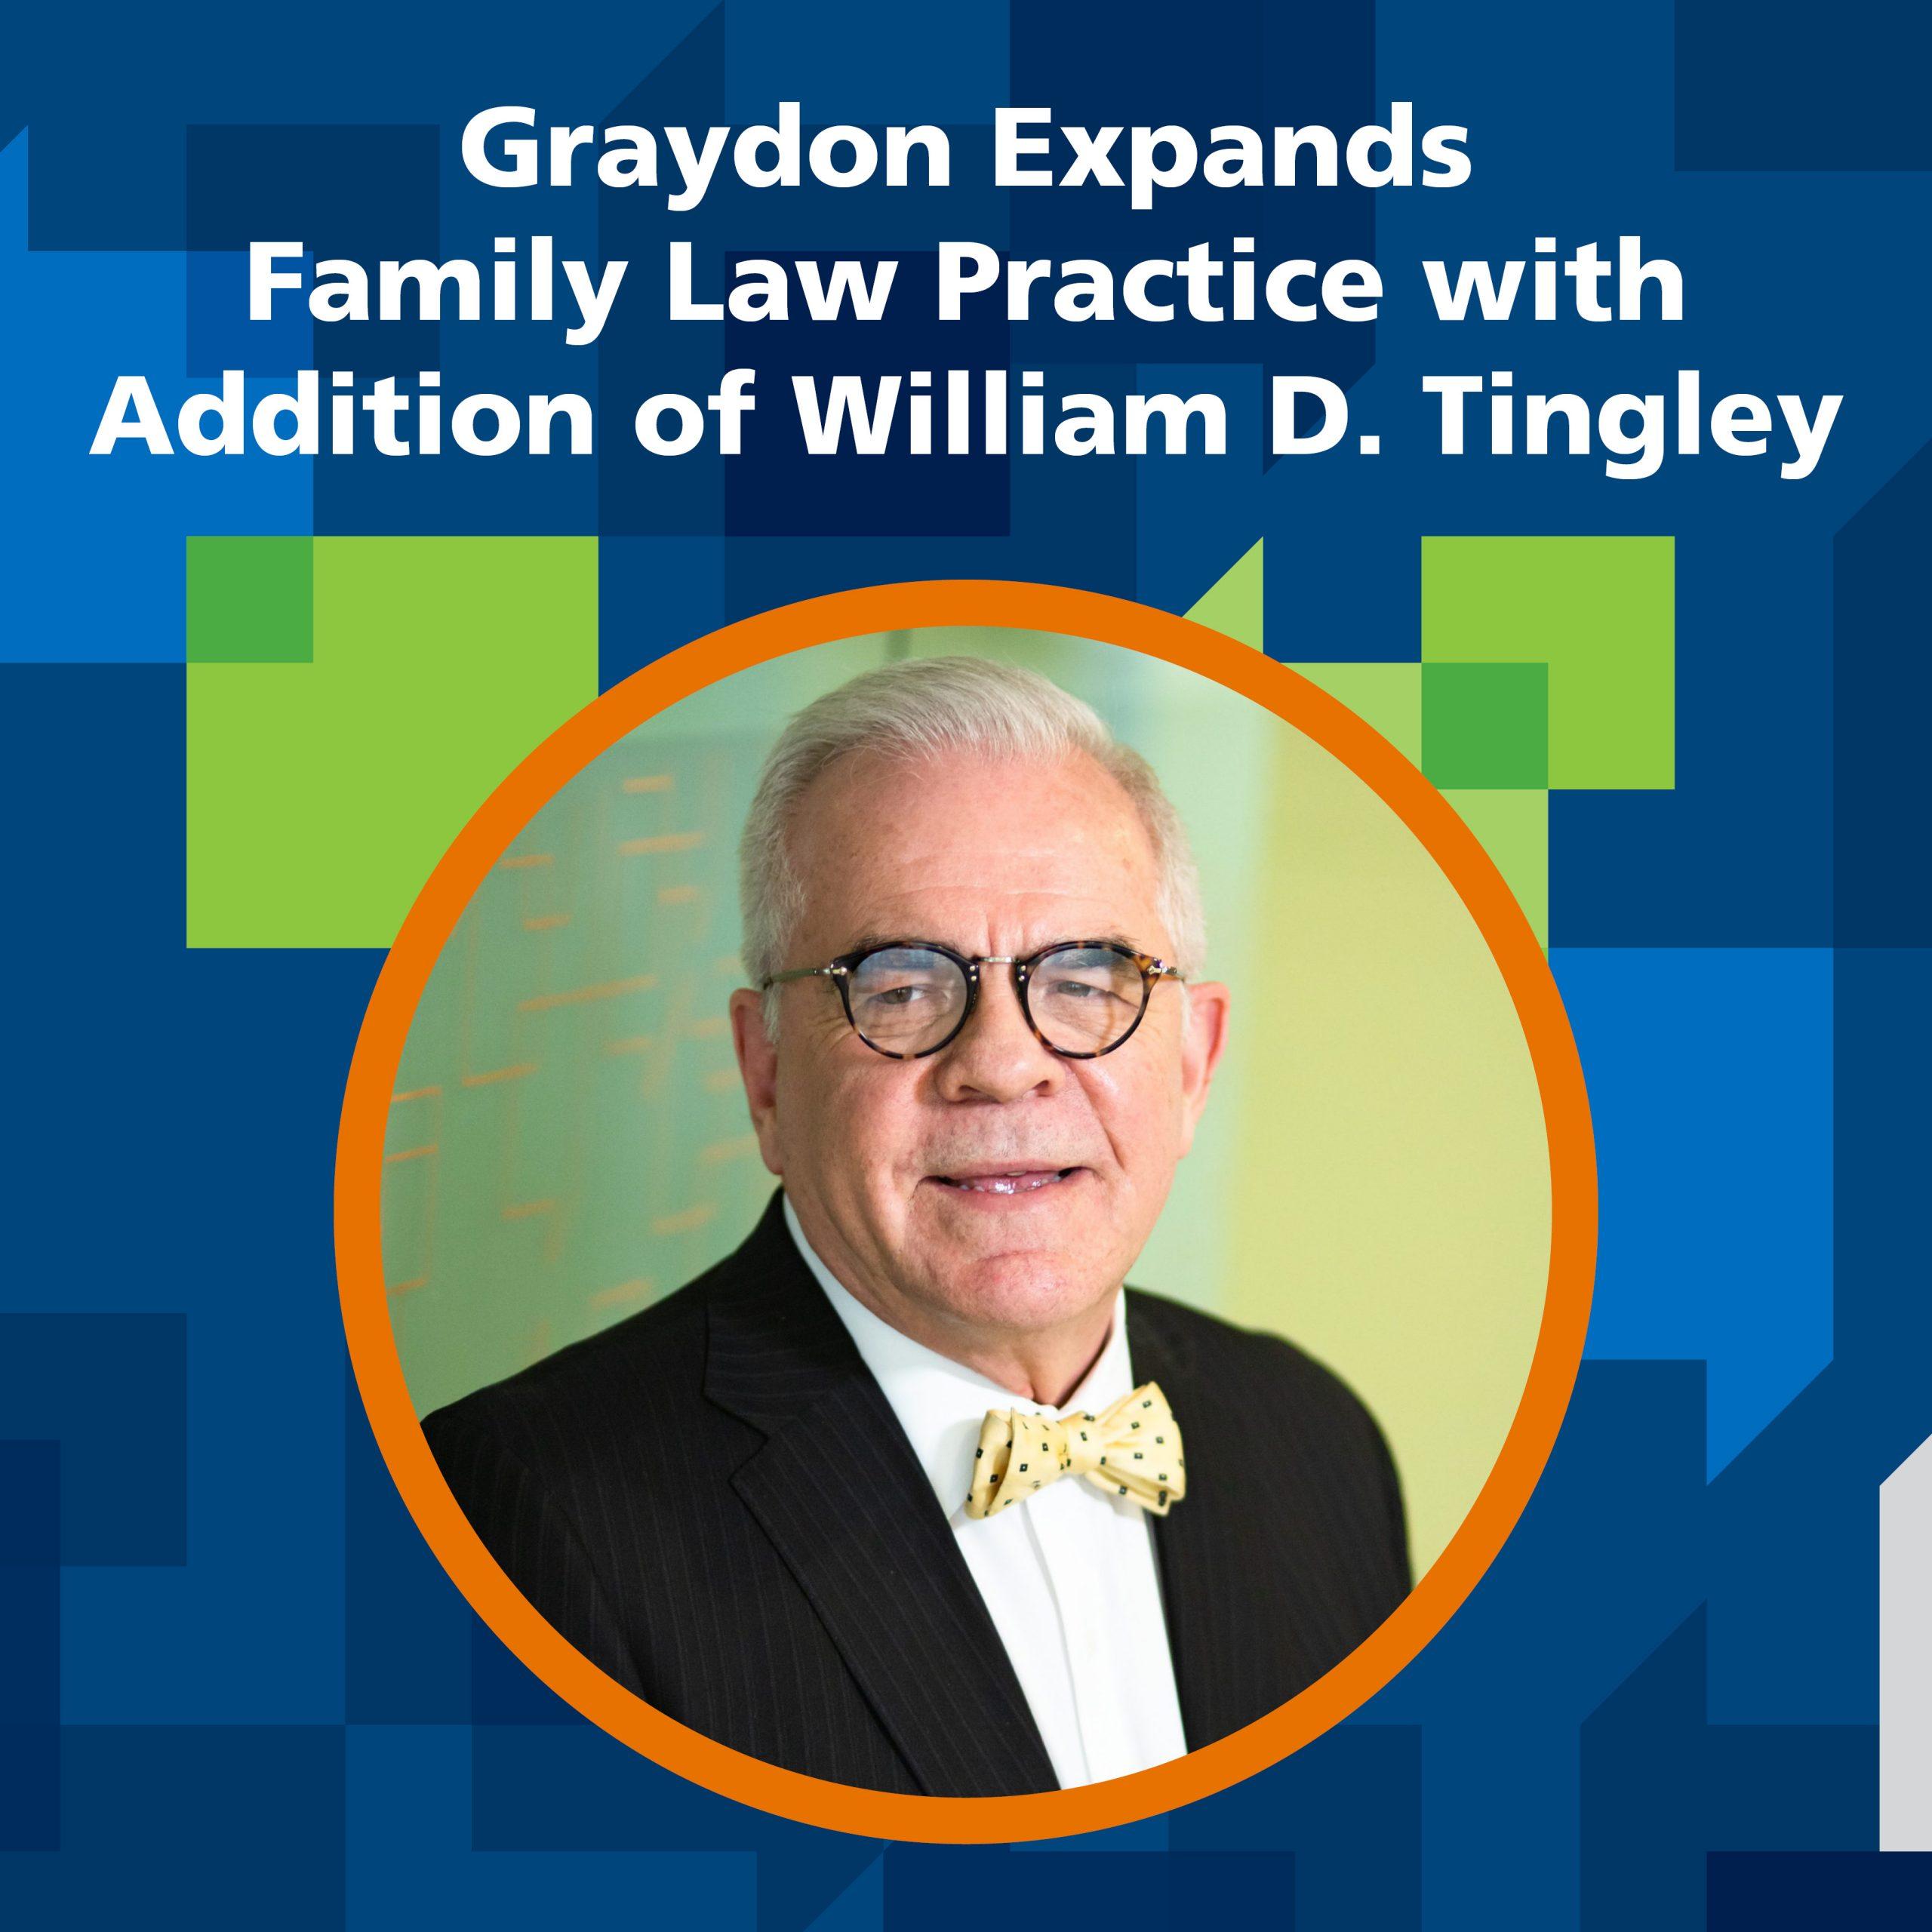 William D. Tingley